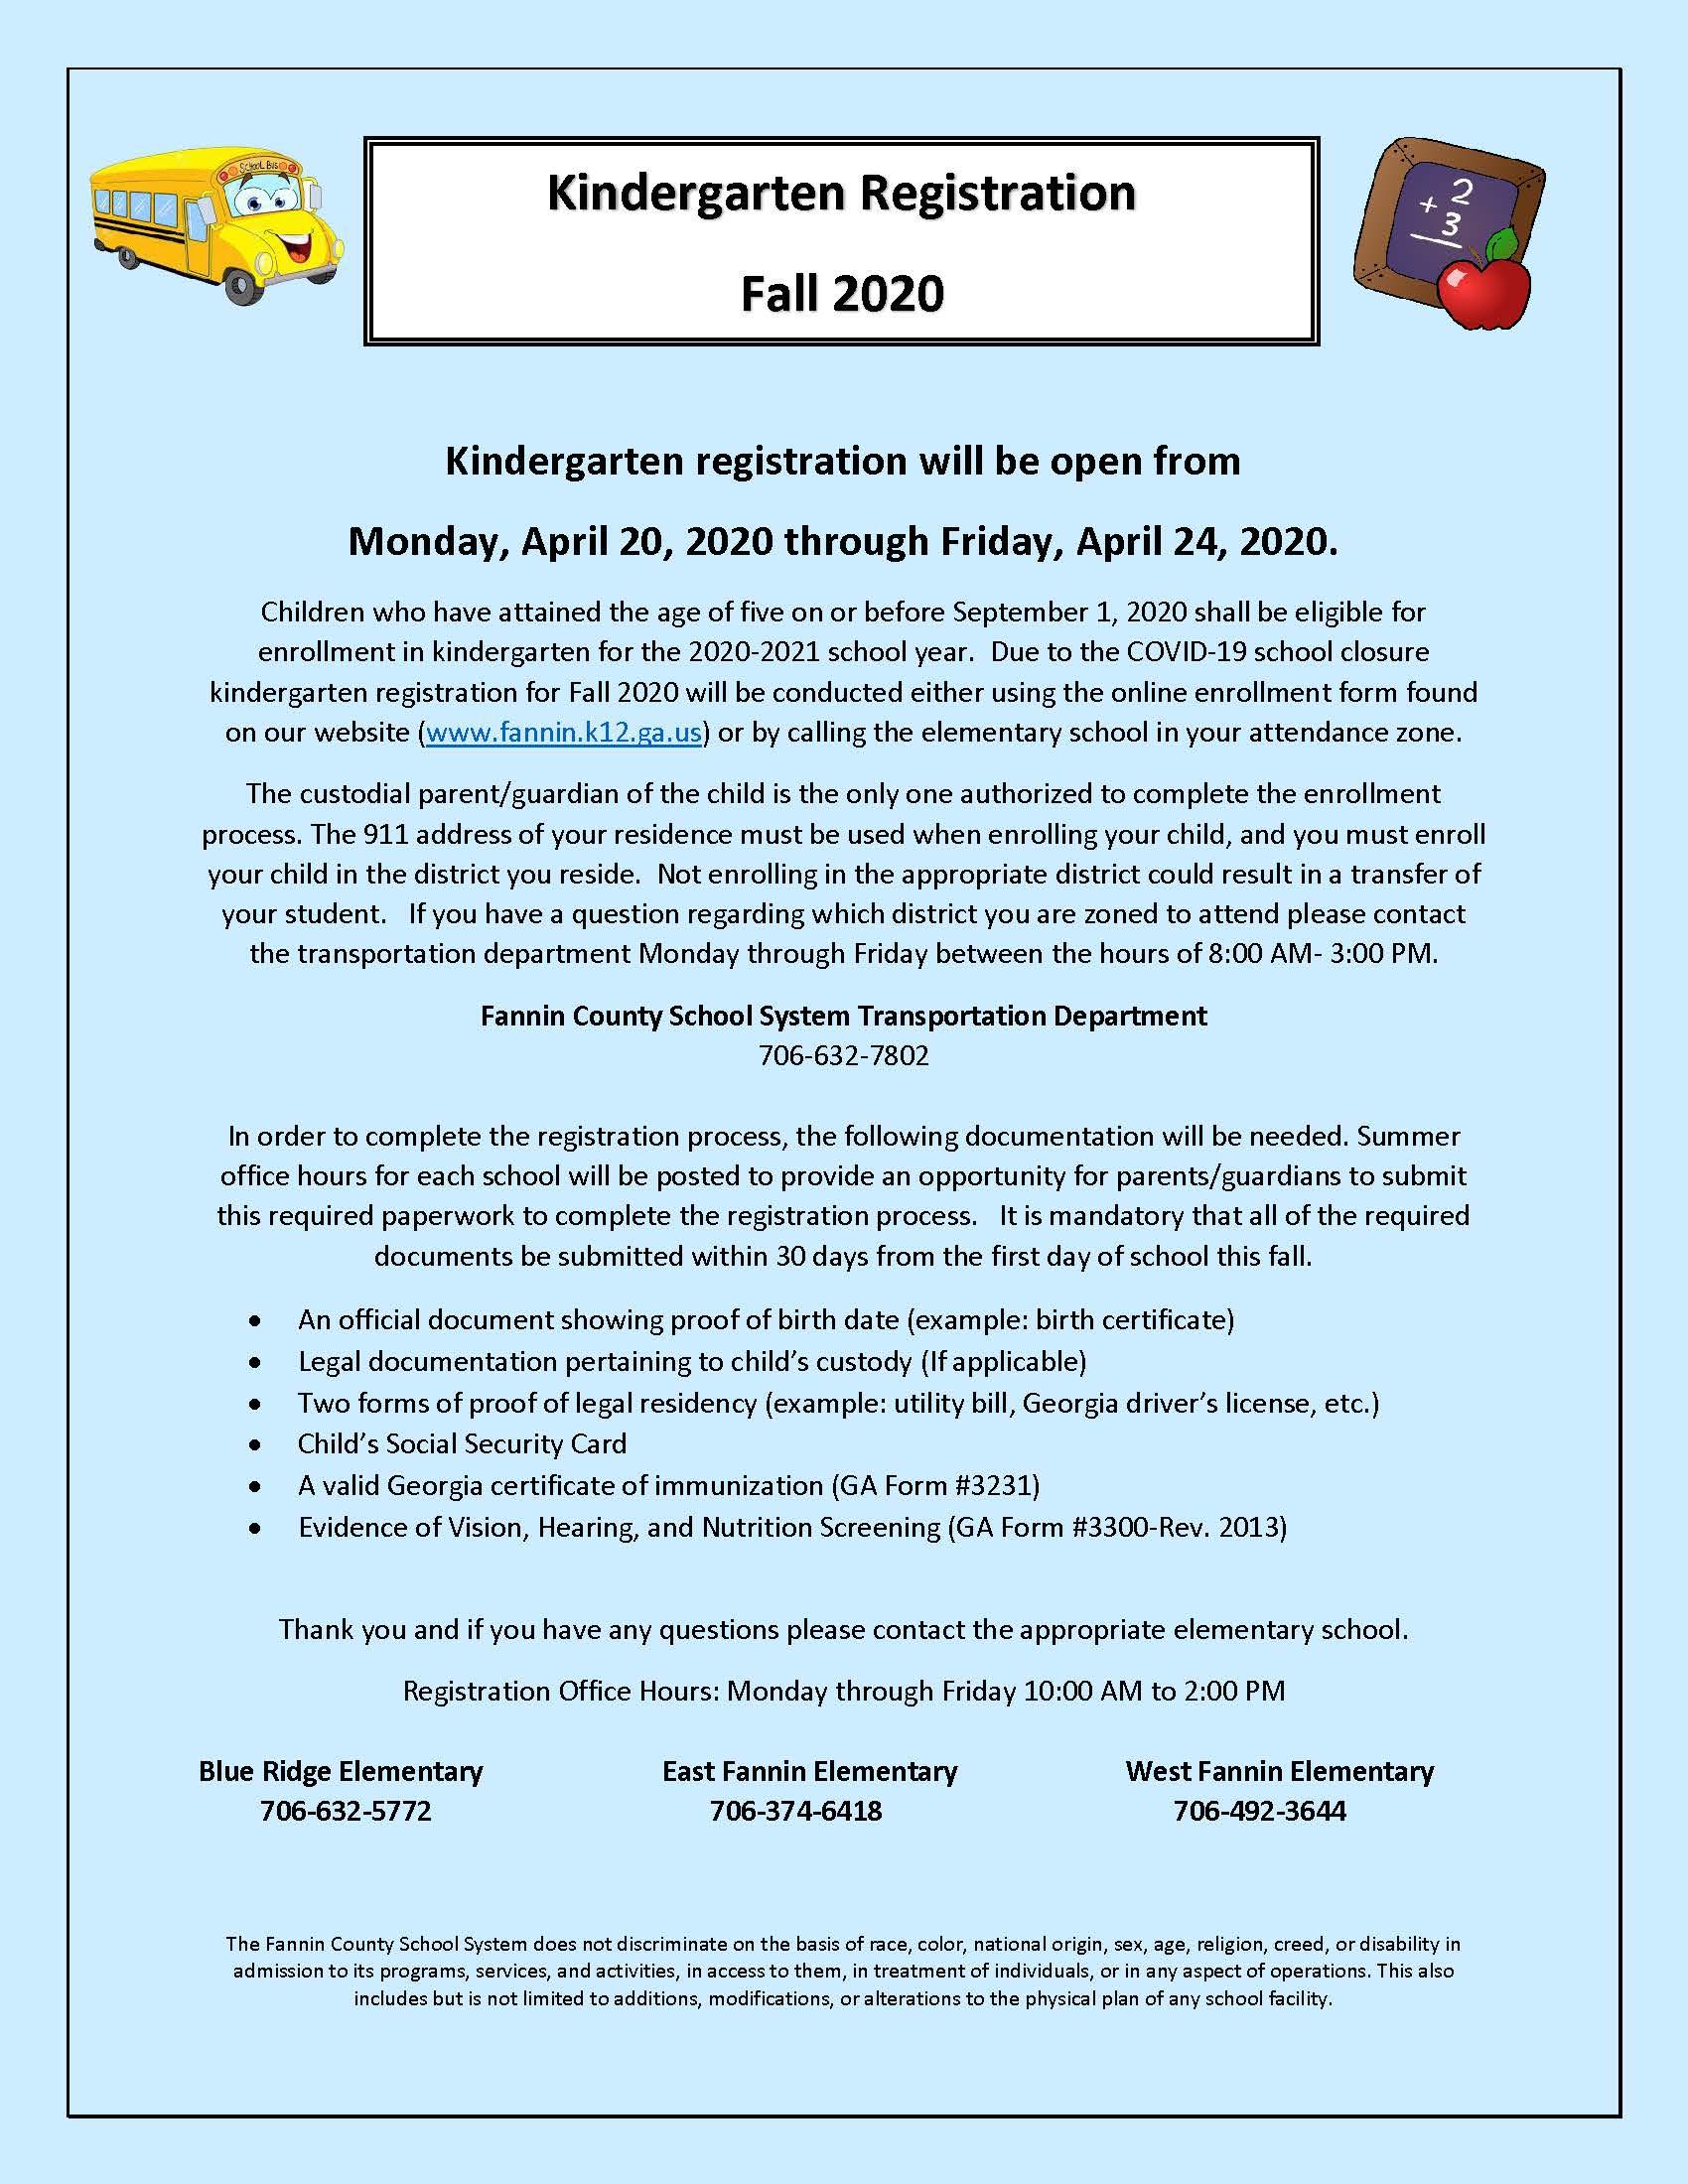 Kindergarten Registration Fall 2020